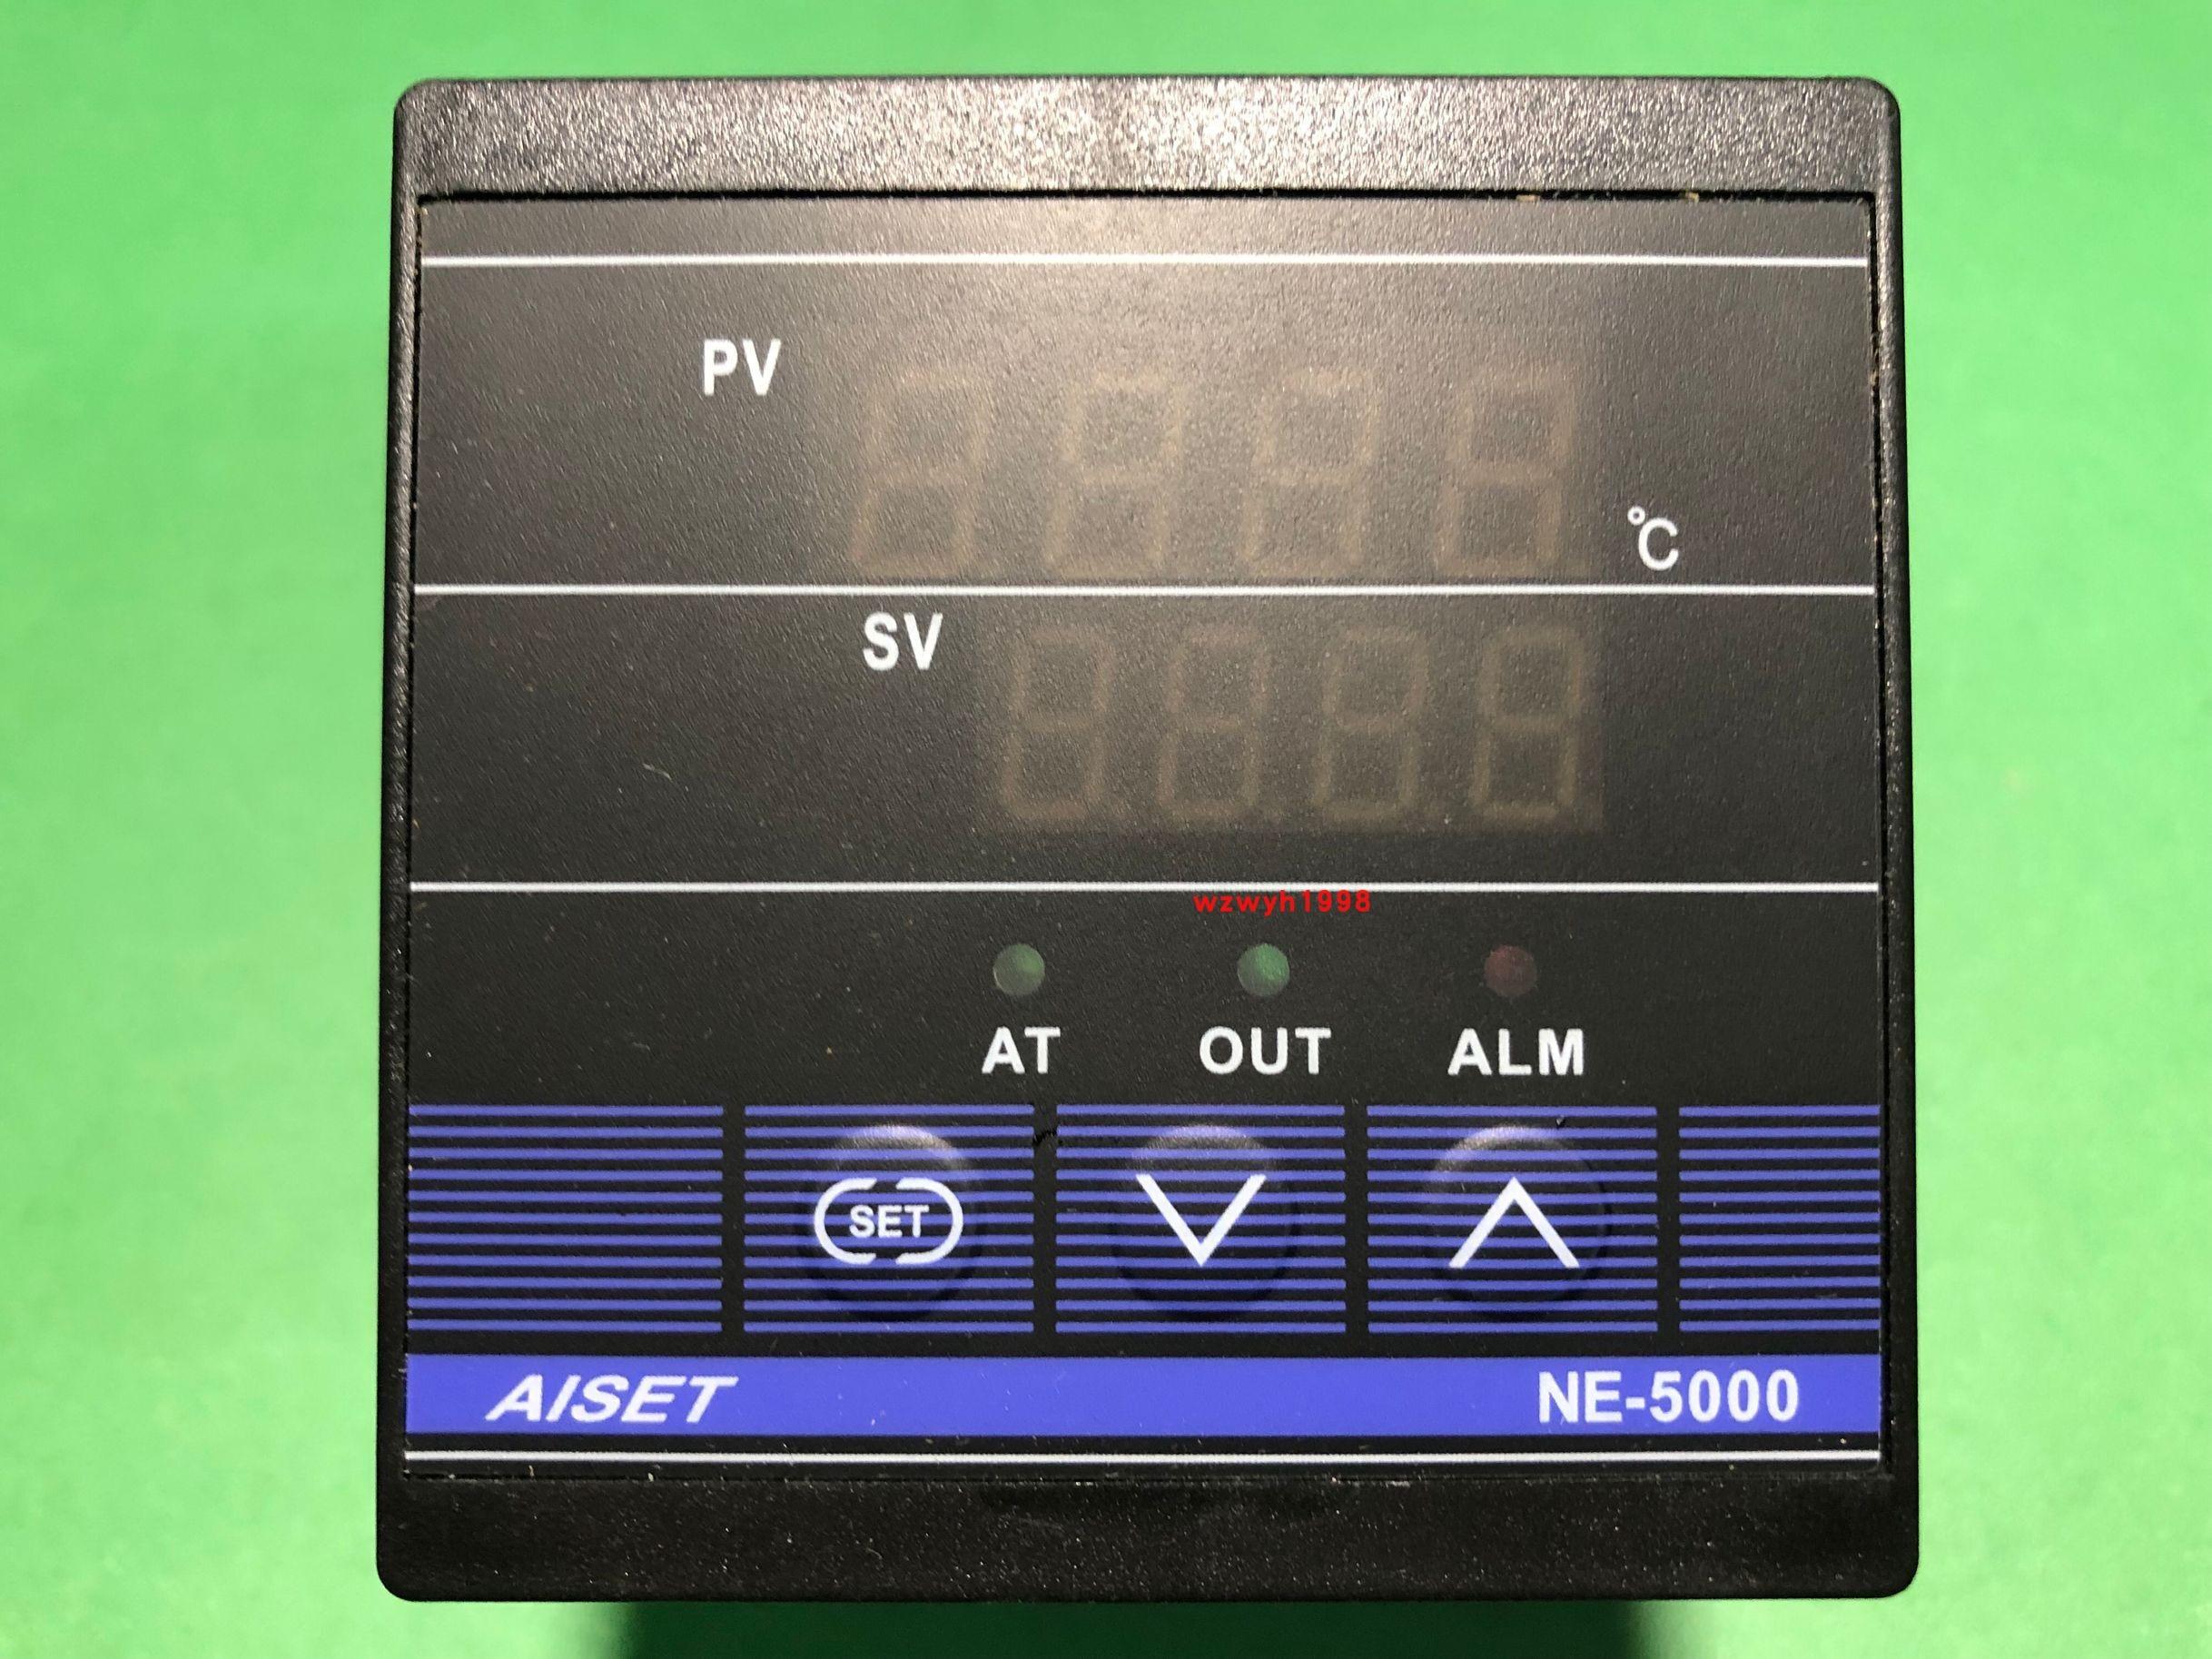 شنغهاي AISET أداة ترموستات NE-5412-2 NE-5402-2 NE-5412V-2 NE-5402V-2 NE-5012-2 NE-5411-2 NE-5422-2 NE-5402V-2